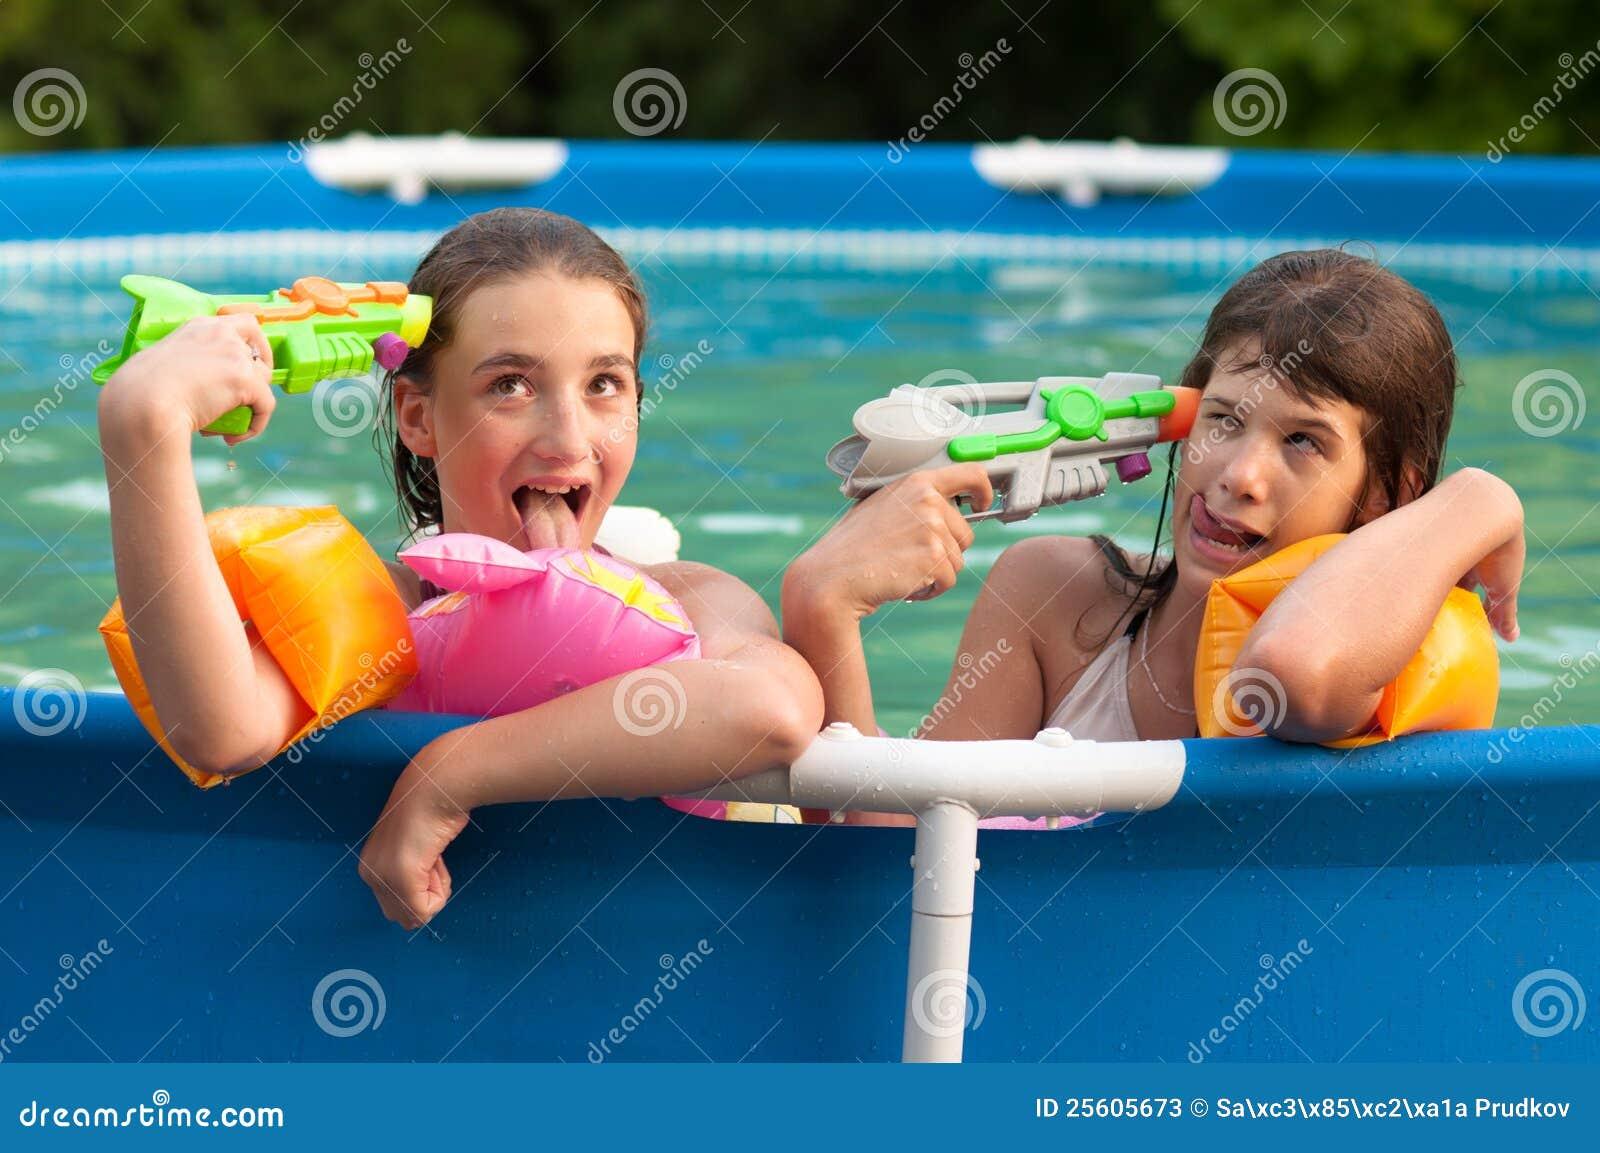 Подростковые девушка фото в бассейне